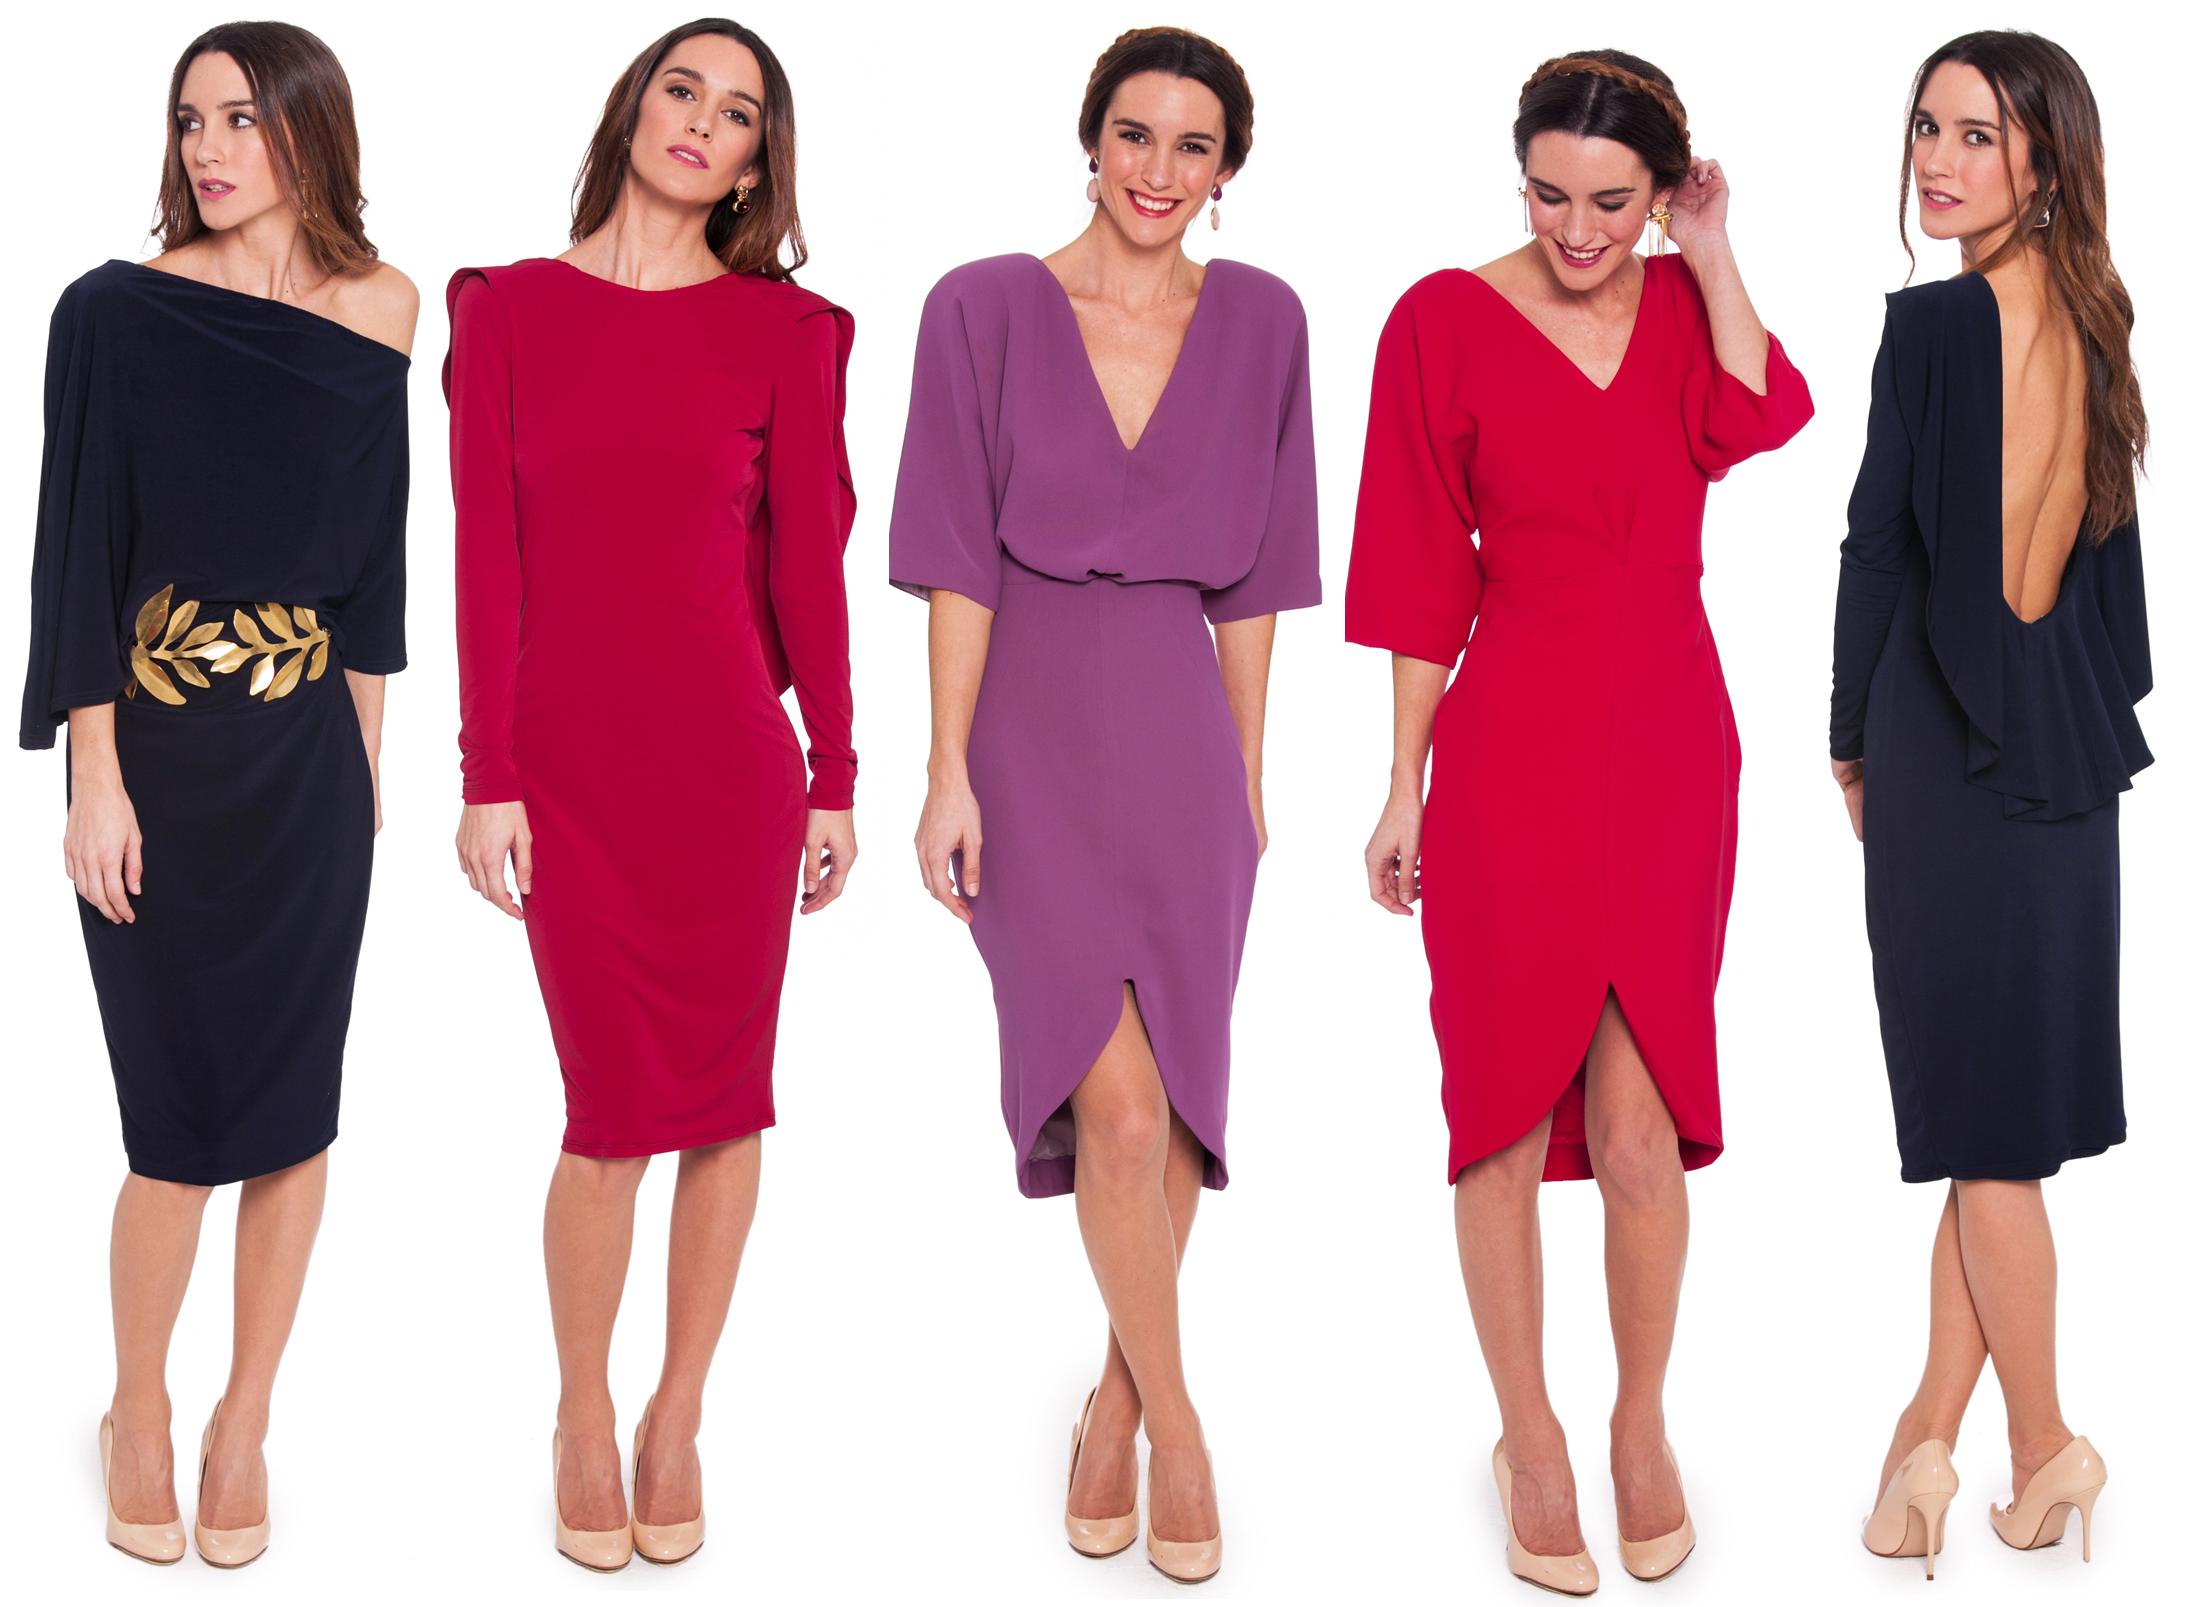 vestidos para invitadas de lamasmona.com